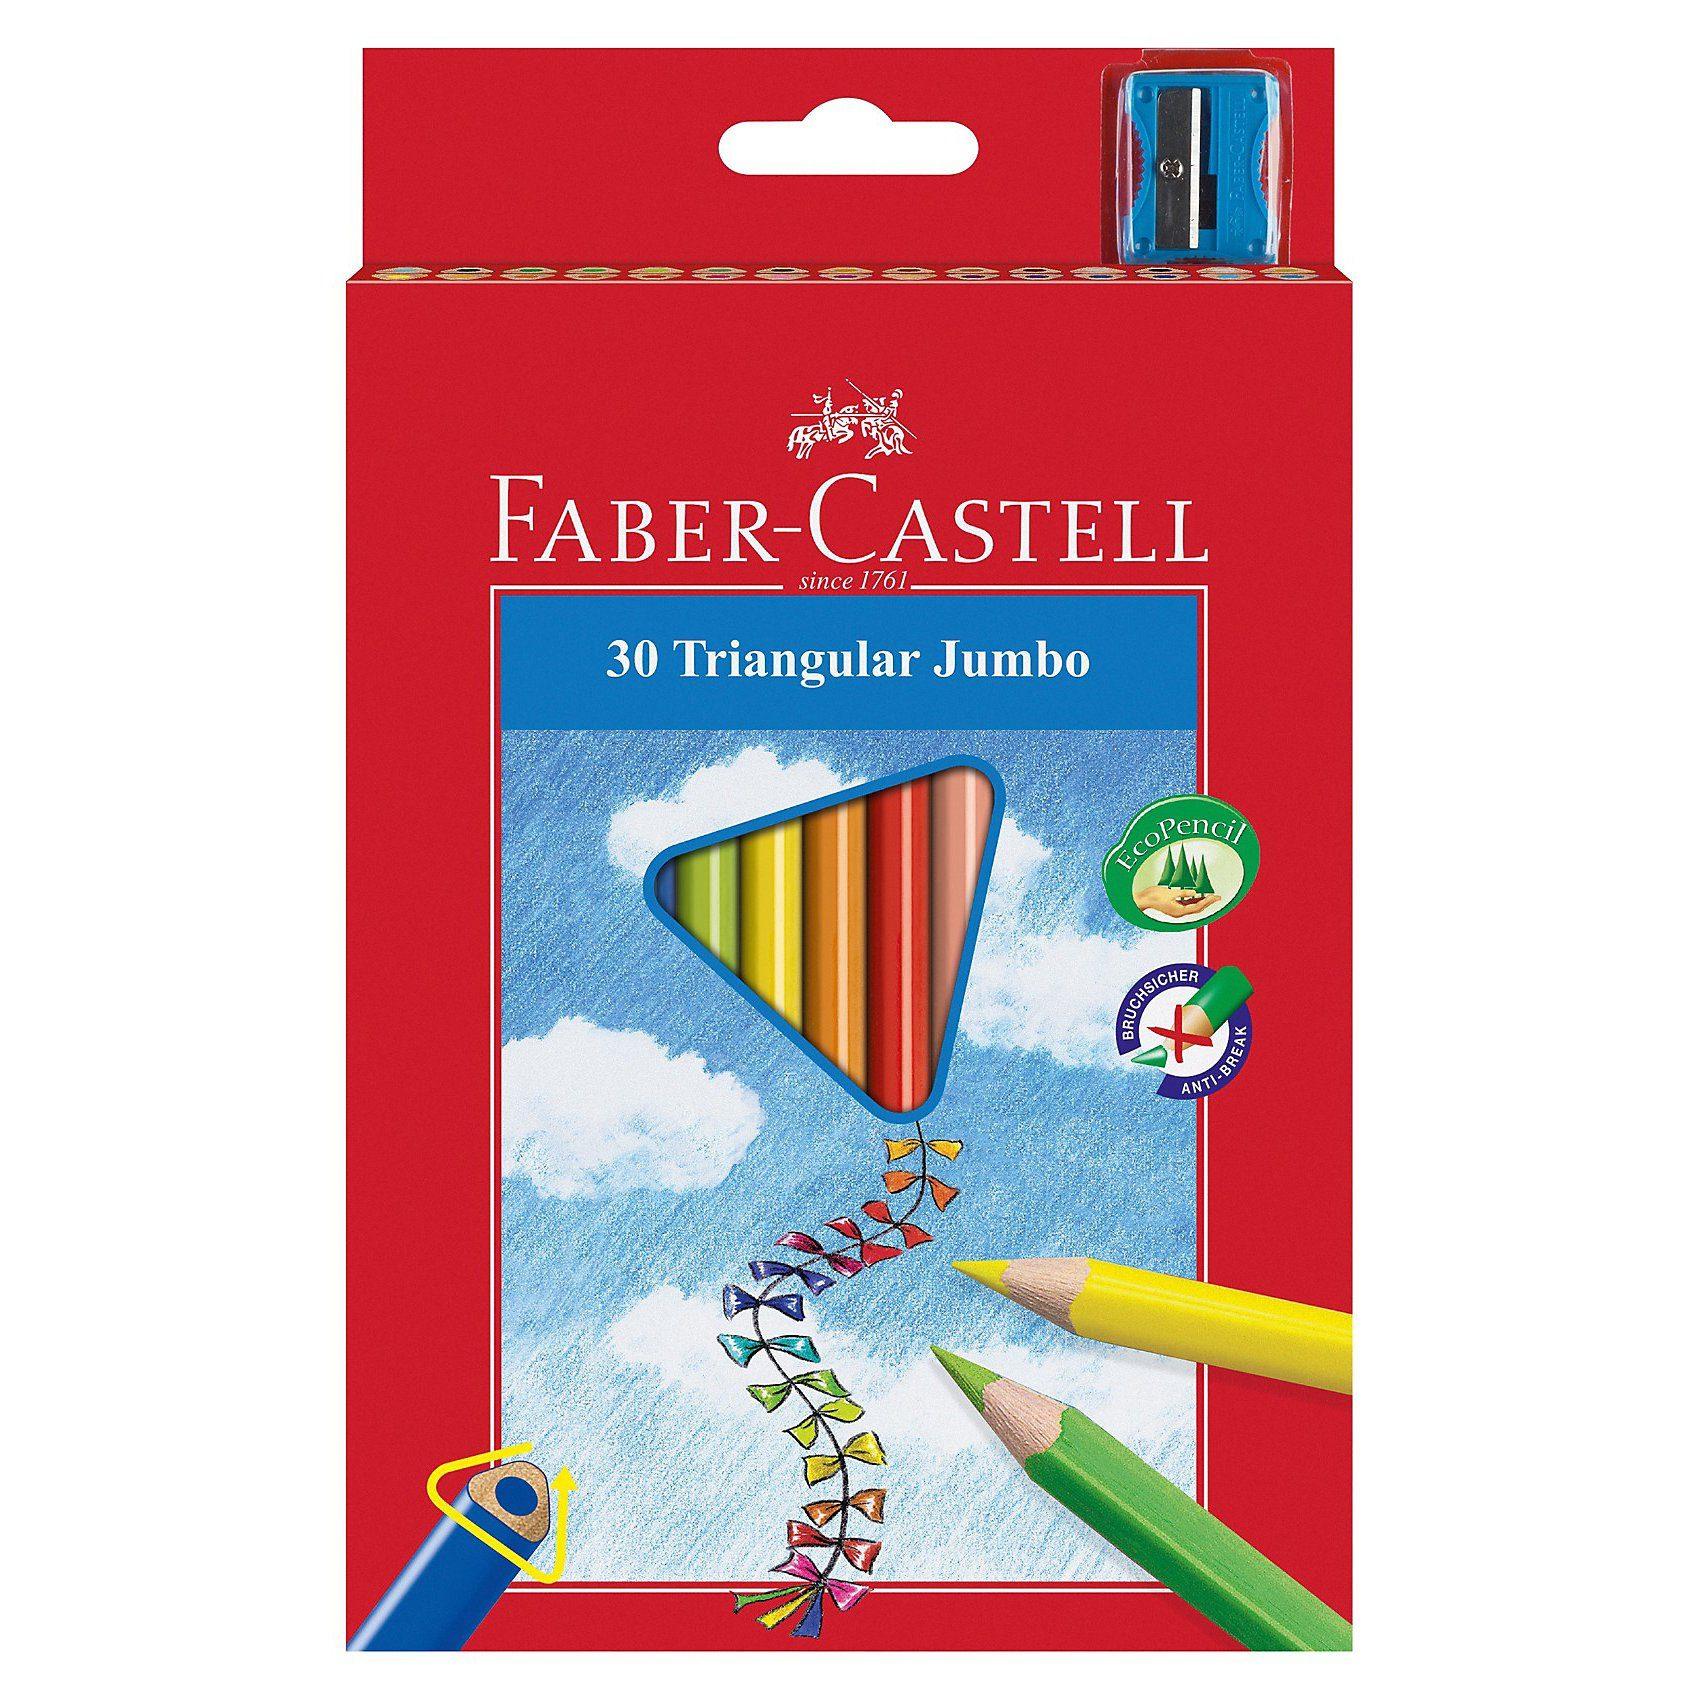 Faber-Castell TRIANGULAR Jumbo Farbstifte, 30 Farben